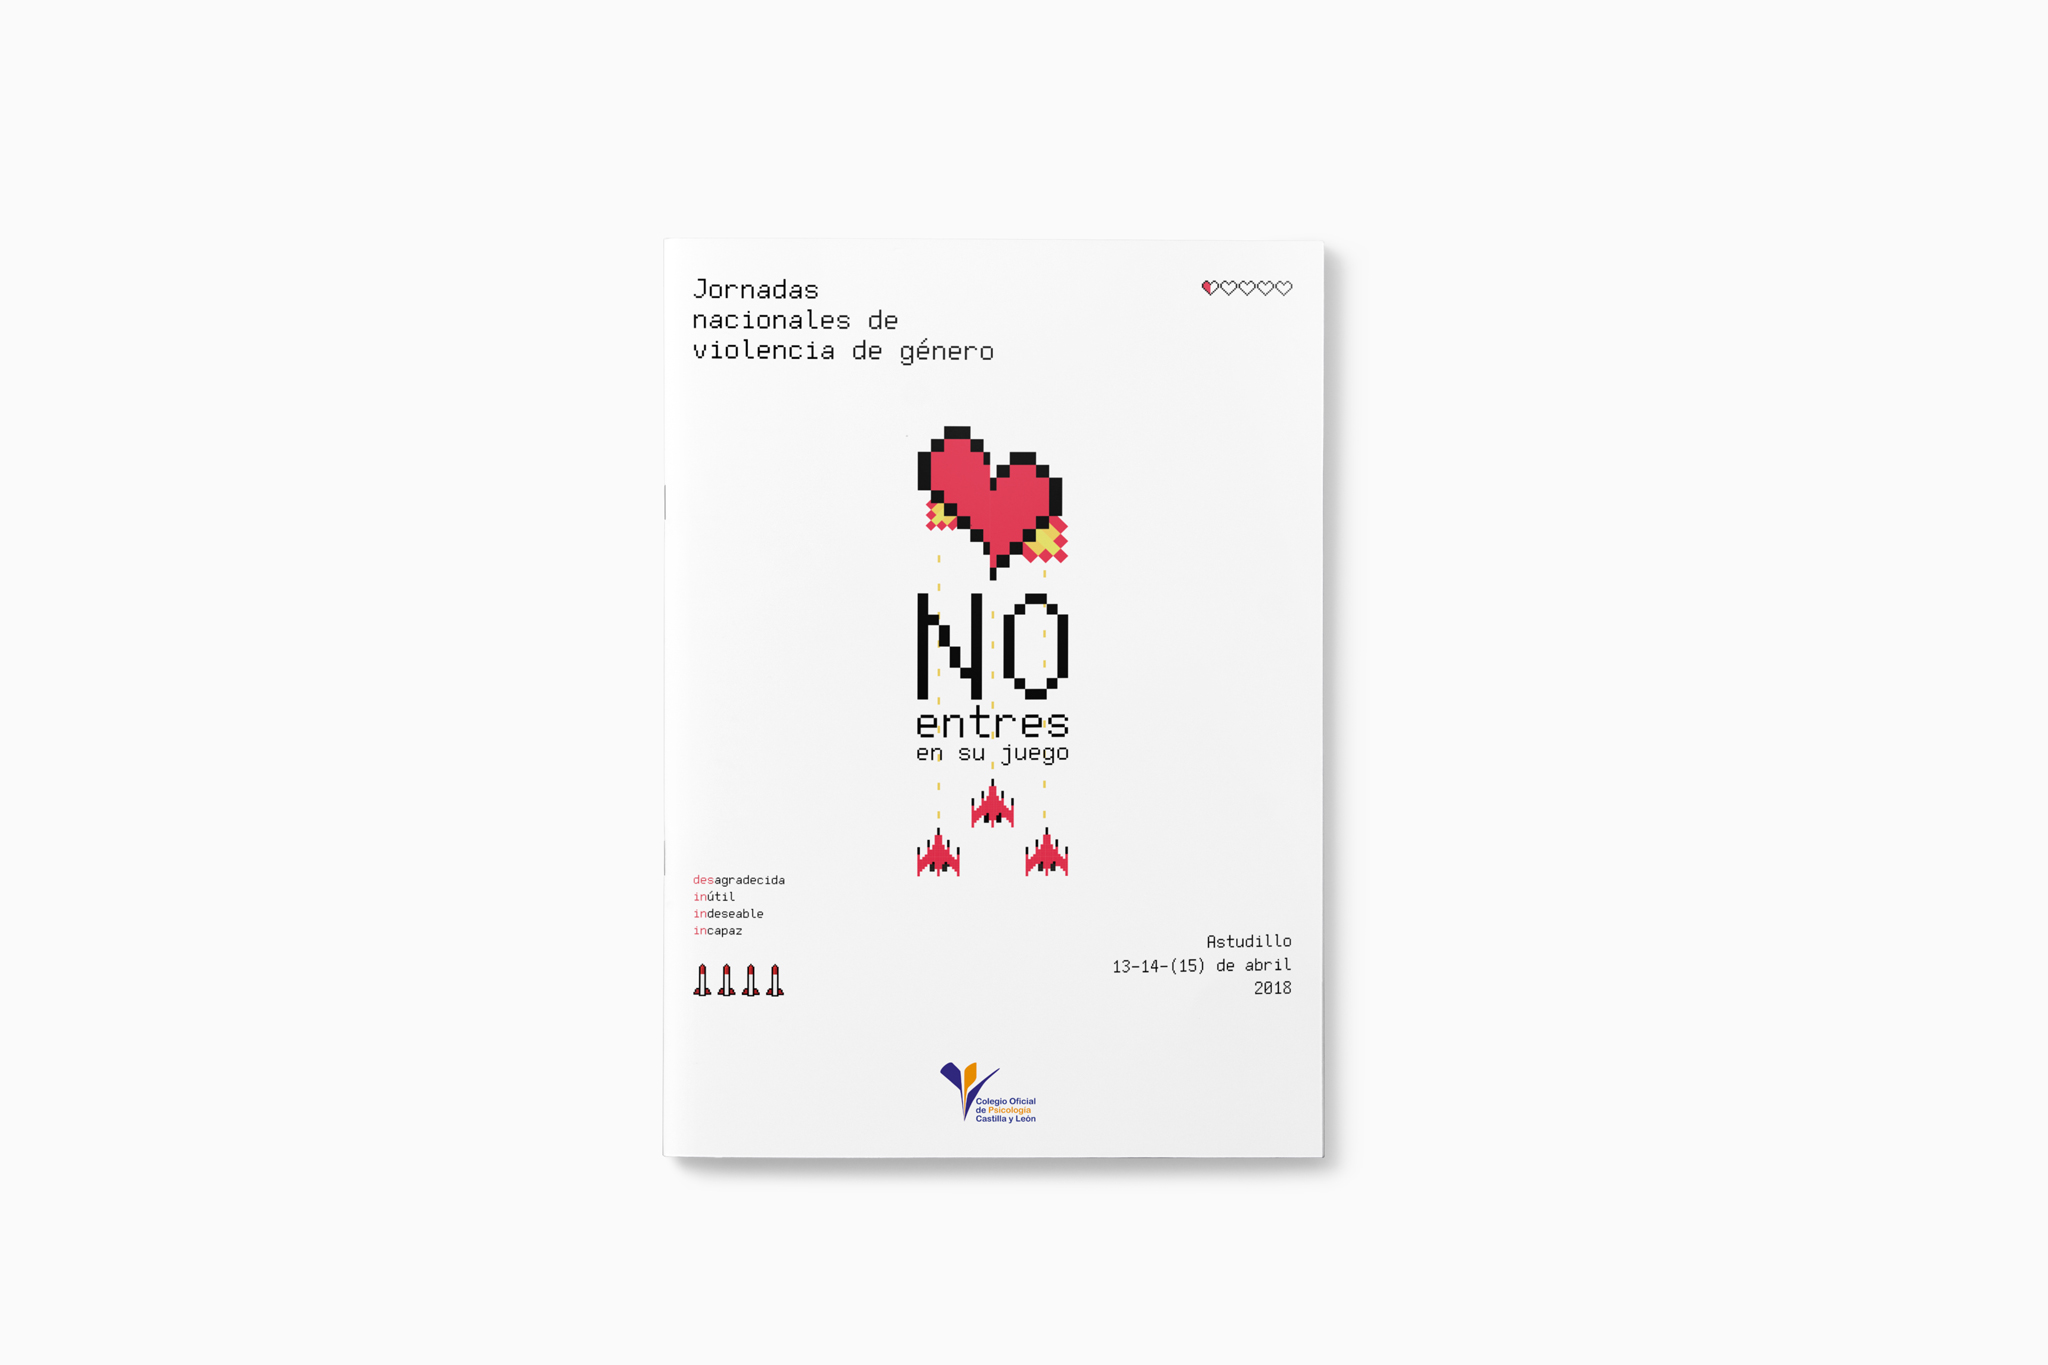 Jornadas nacionales de violencia de género programa1